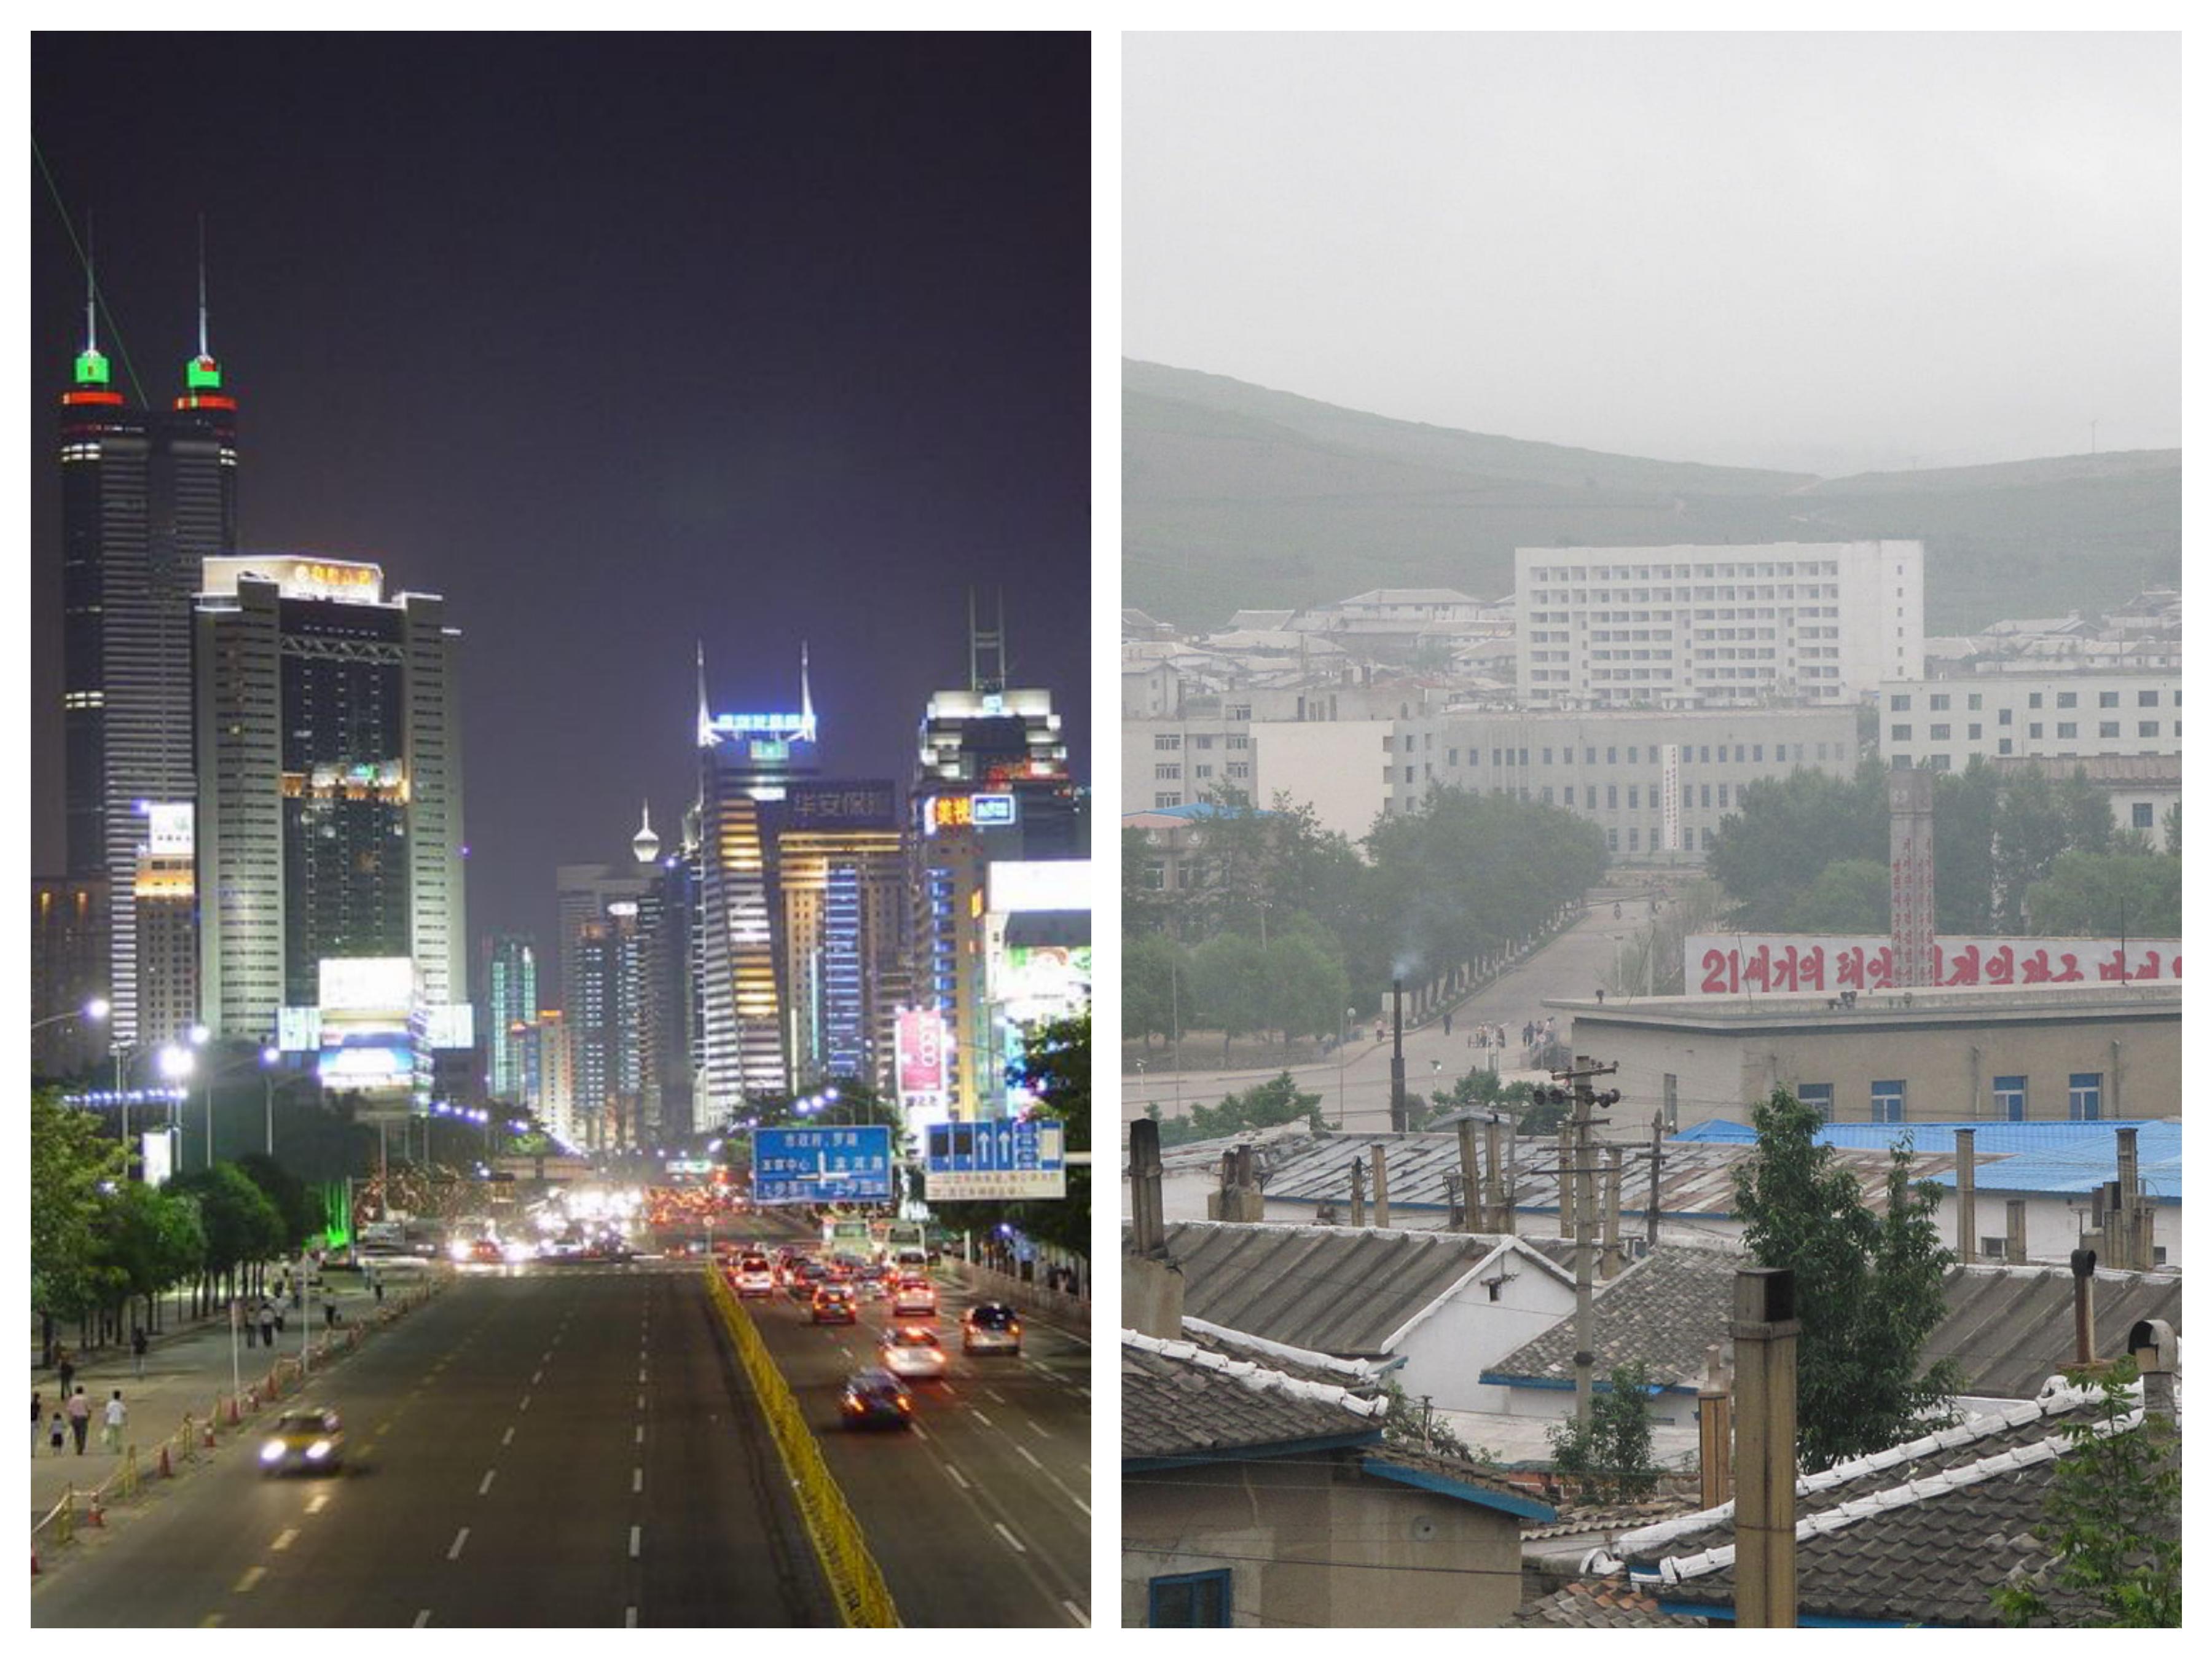 Shenzhen vs. Rason